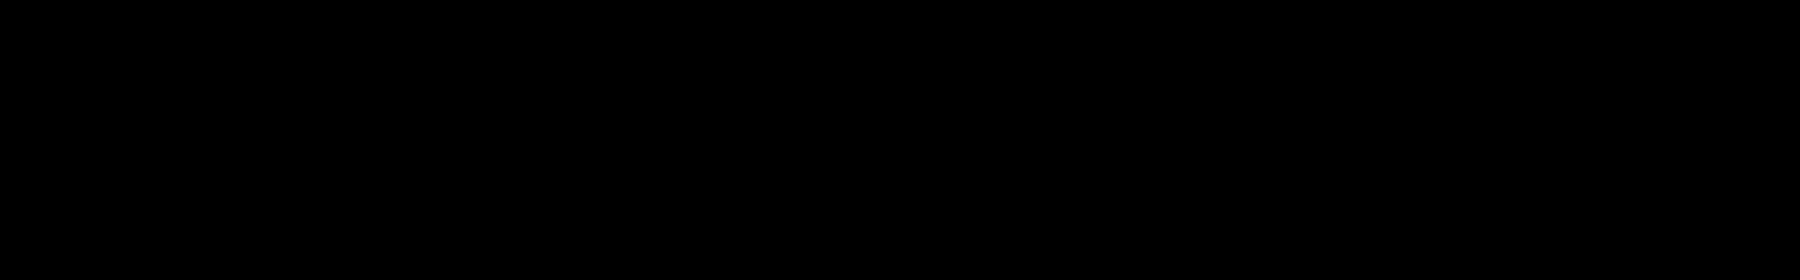 HACKER audio waveform